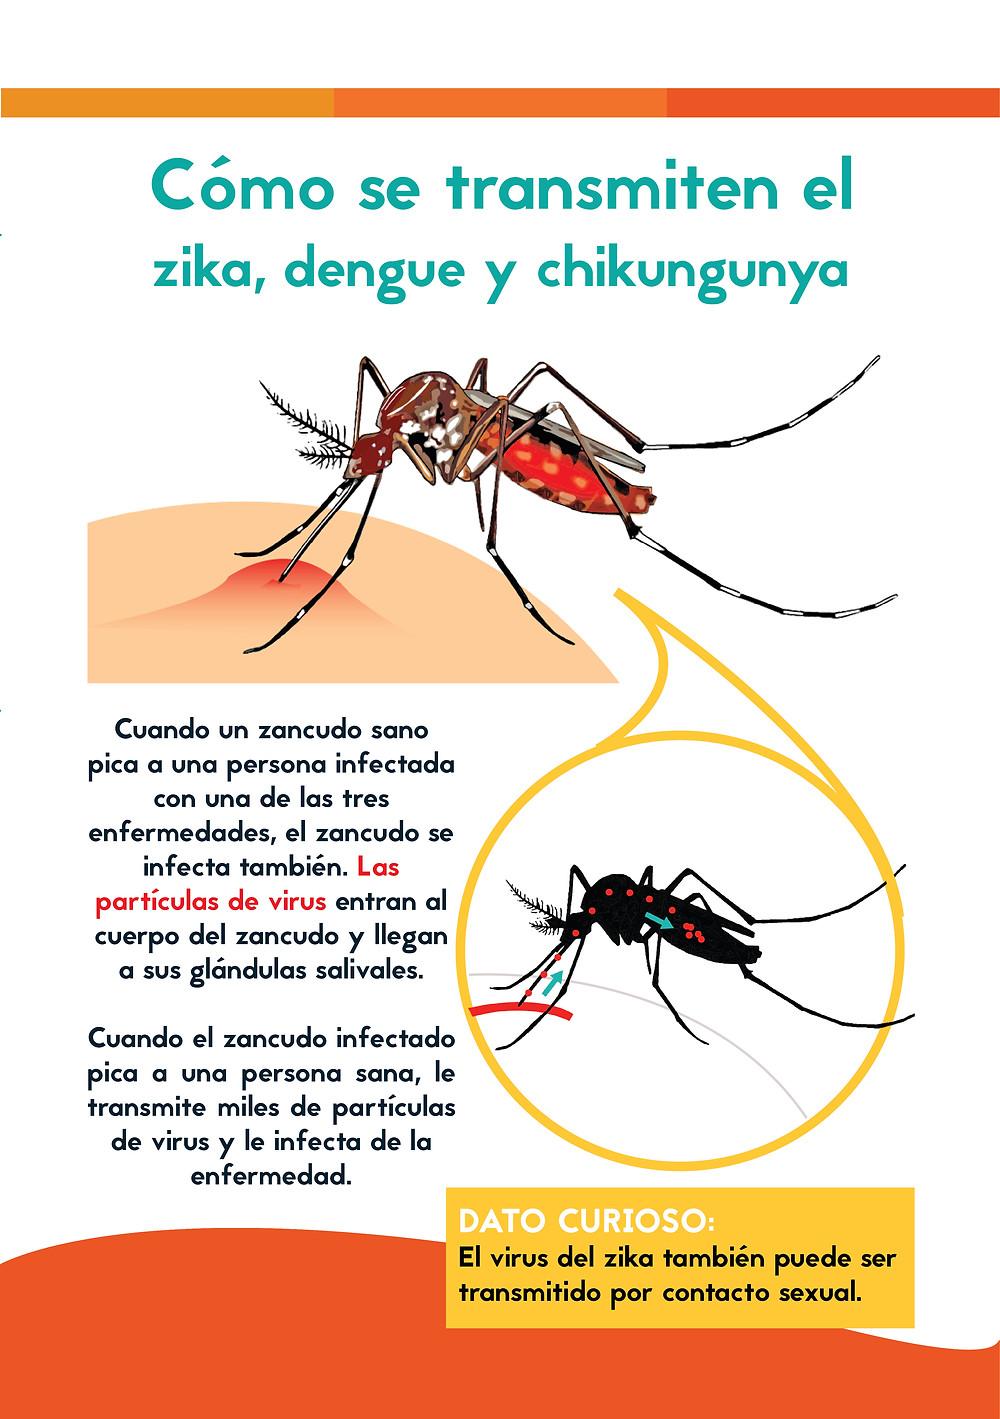 Cómo se transmite zika, dengue y chikungunya. Página de manual.